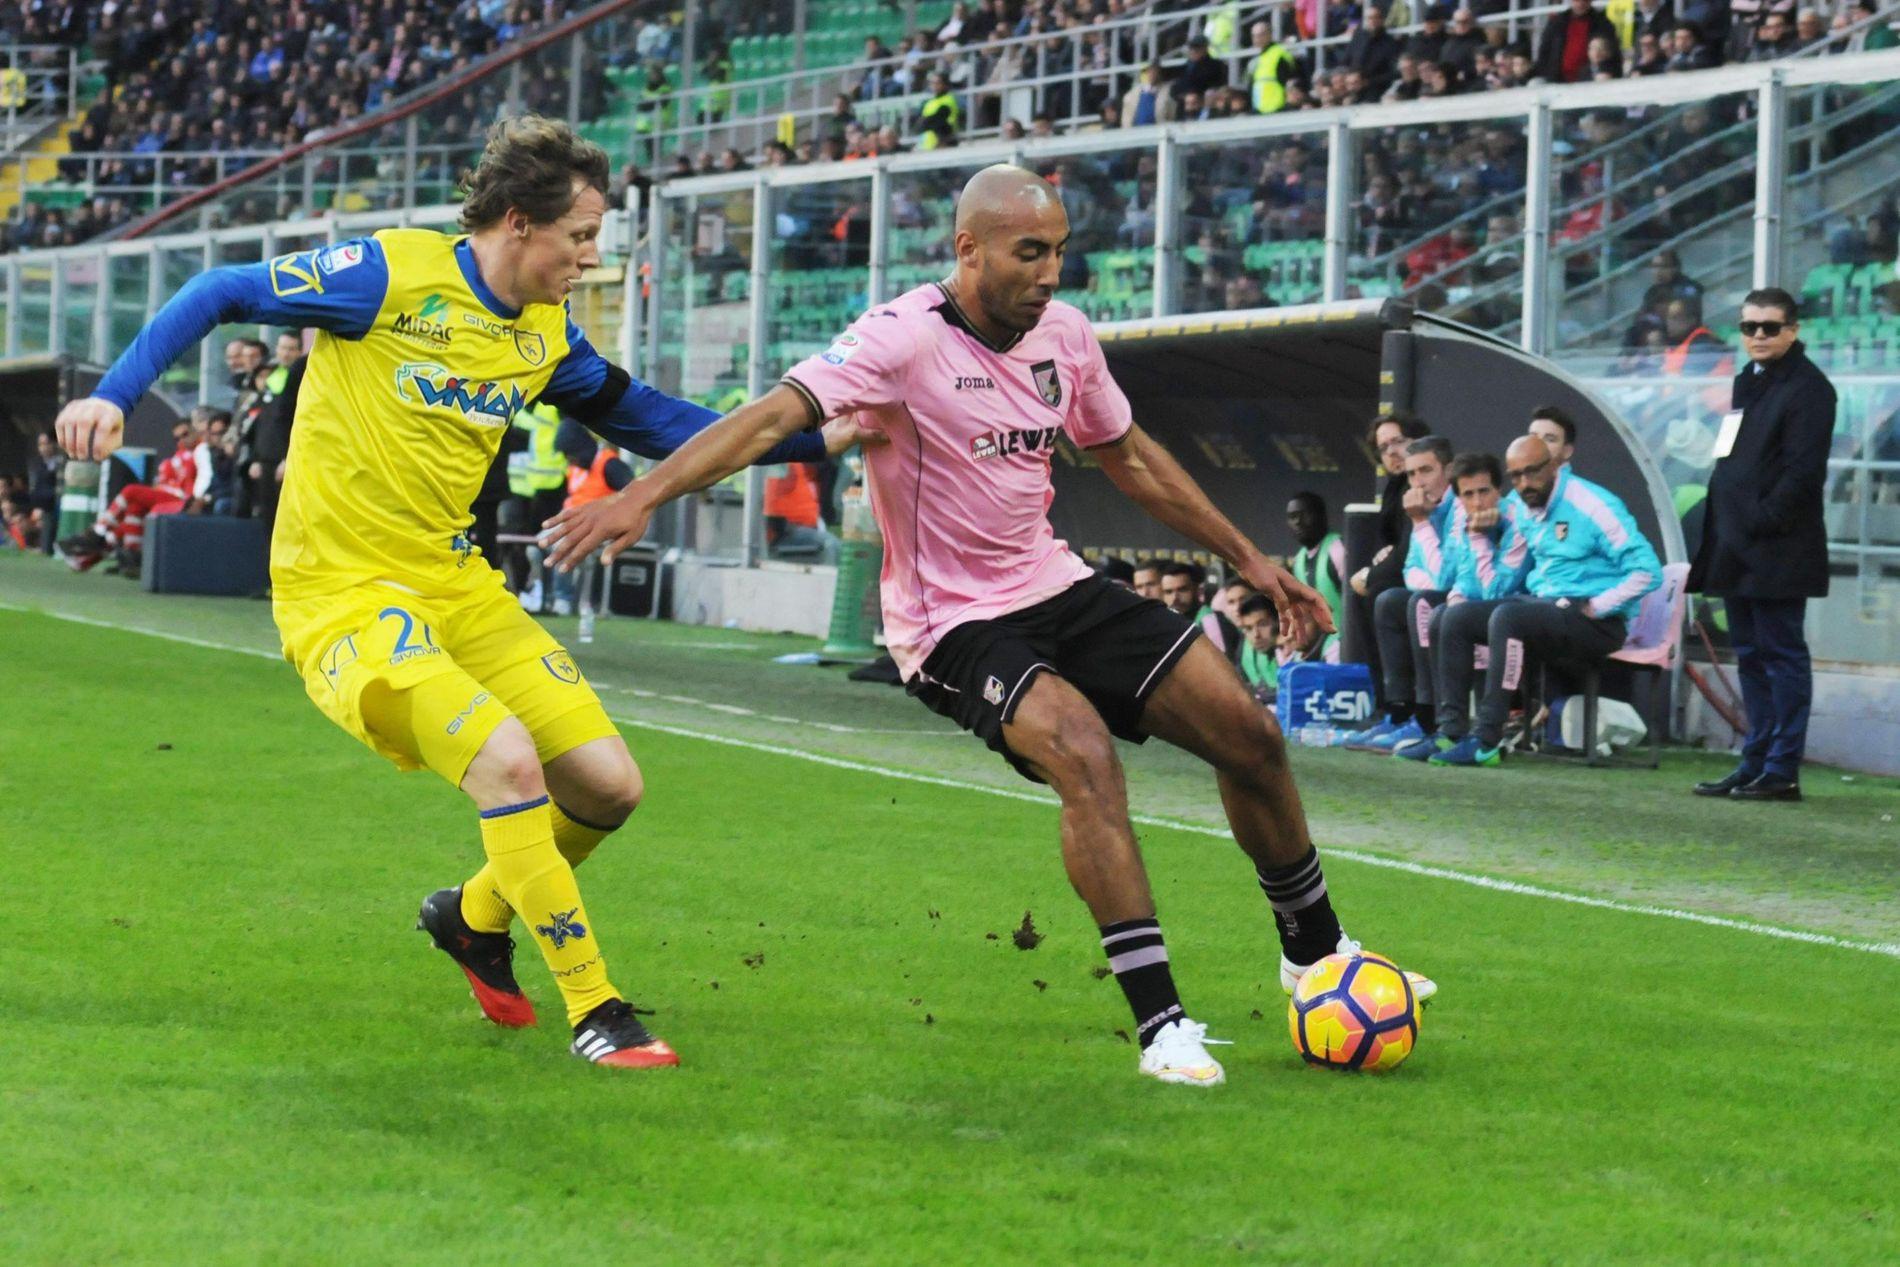 I ITALIA: Haitam Aleesami spilte Serie A-fotball for Palermo i 2016. Her er han i duell med Veronas Nicola Frey i en hjemmekamp på Renzo Barbera stadion.